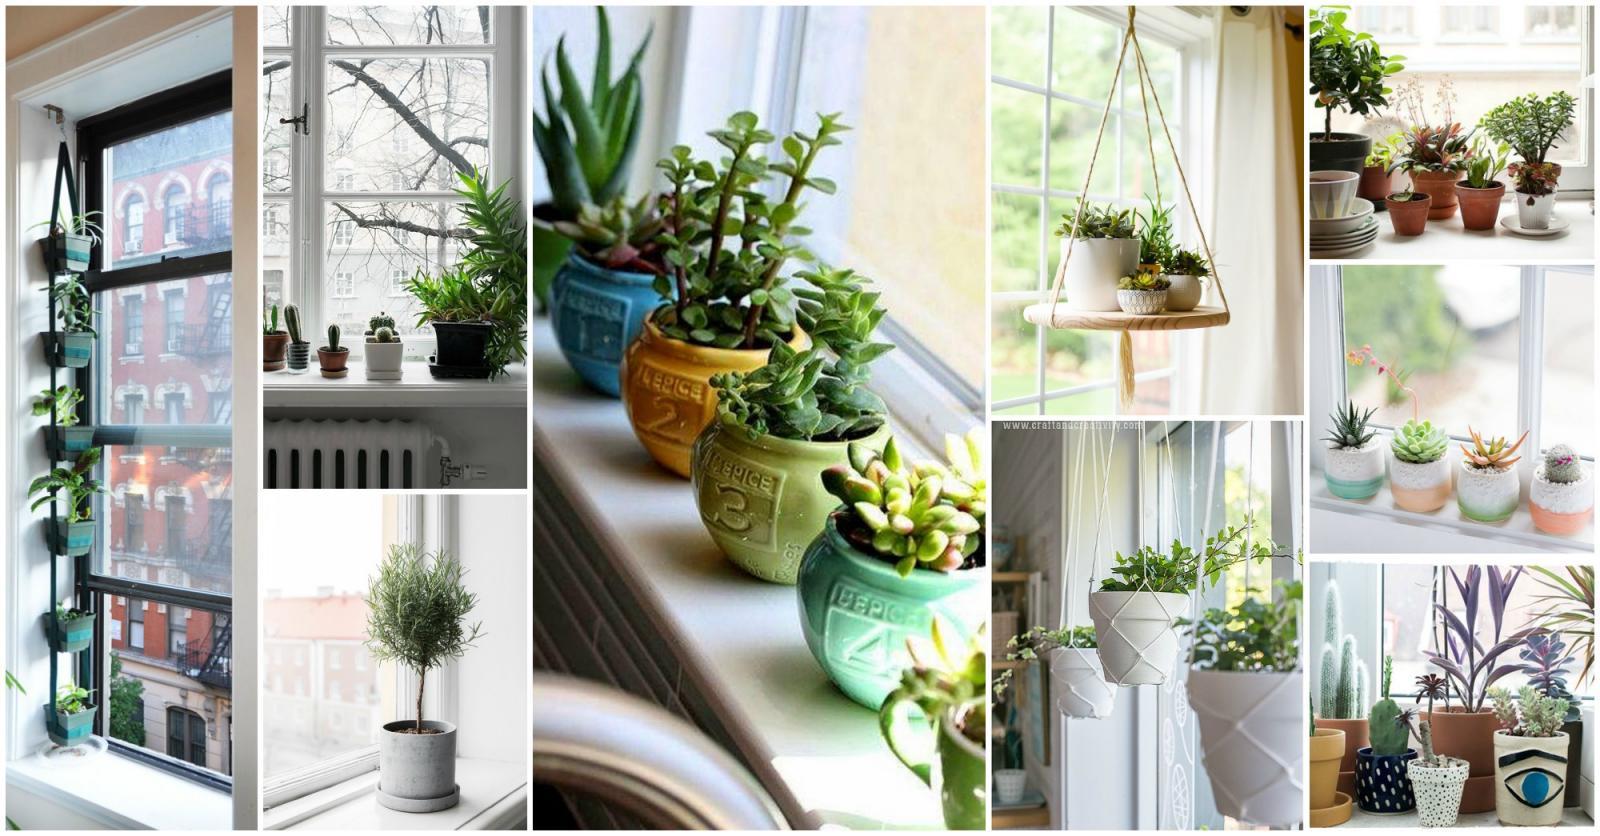 các mẫu cây cảnh đẹp trong nhà